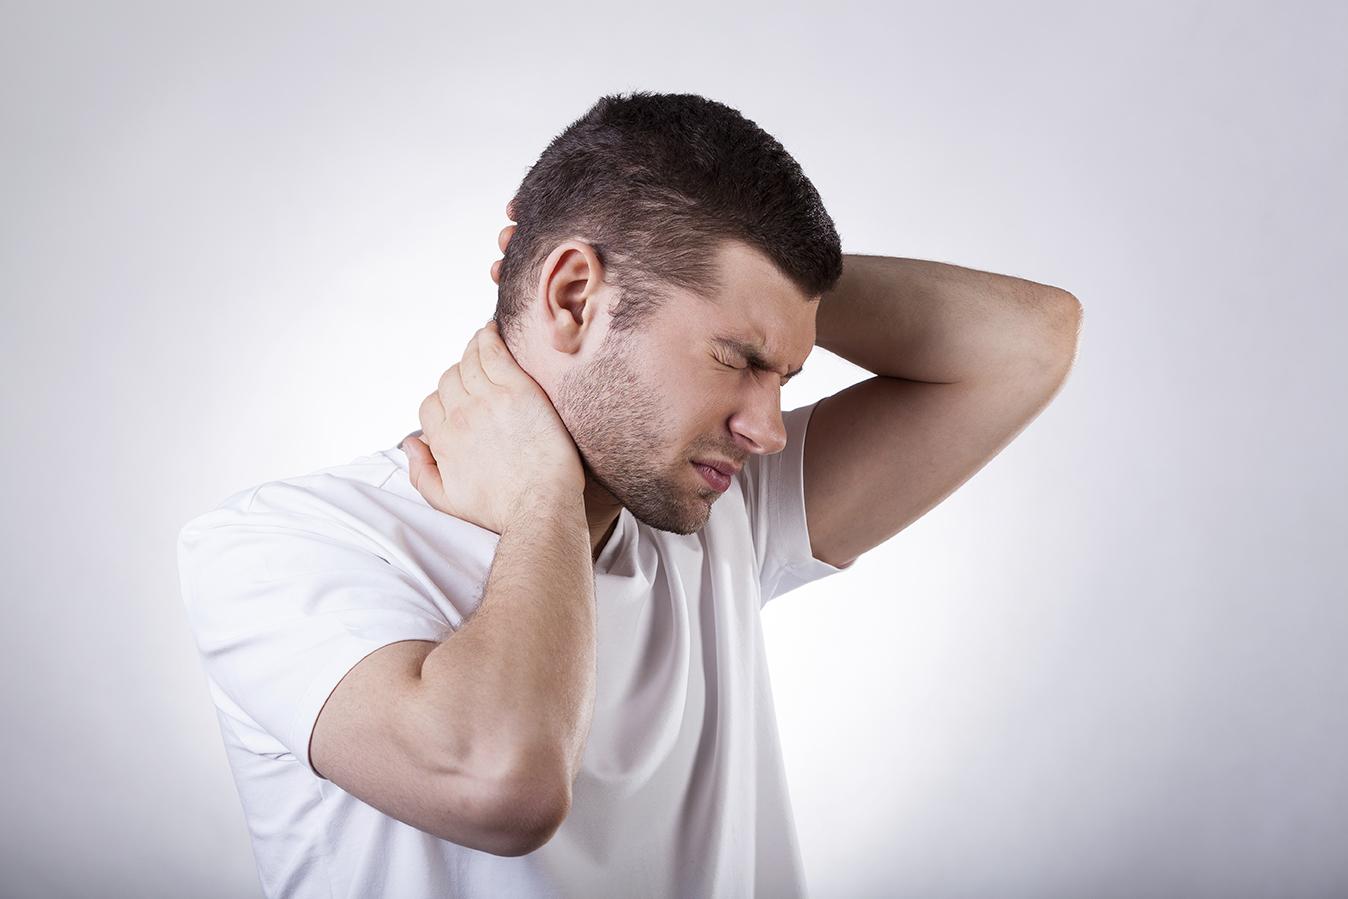 nguyên nhân nổi cục hạch sau tai